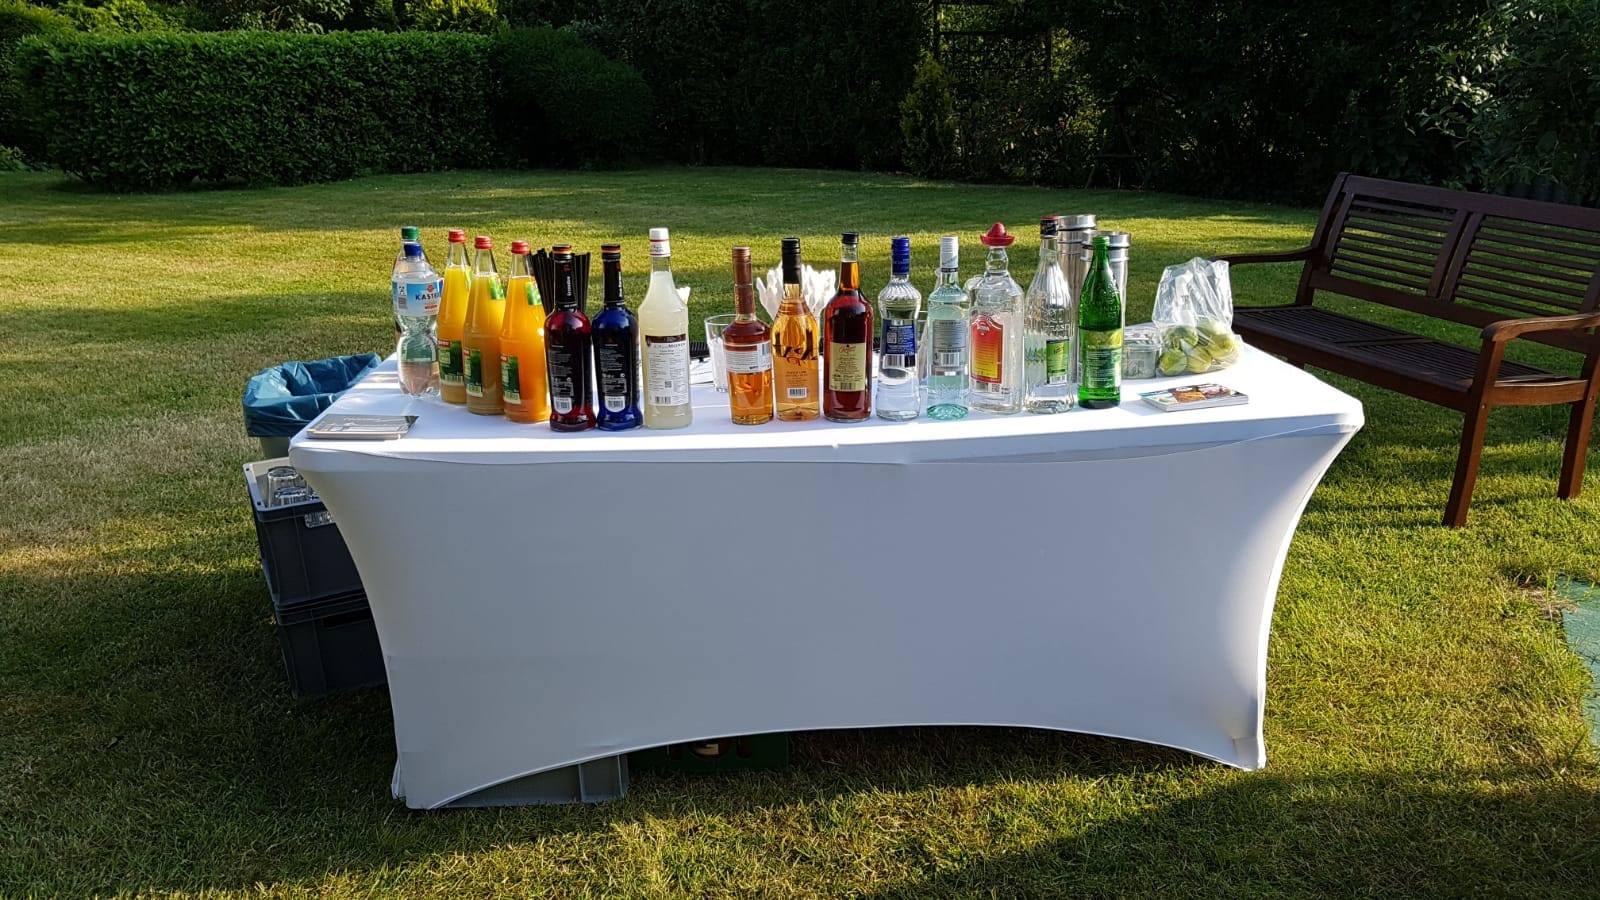 Cocktails Knepper - Cocktailkurs - Cocktailkurse, so flexibel wie ihr! (1)